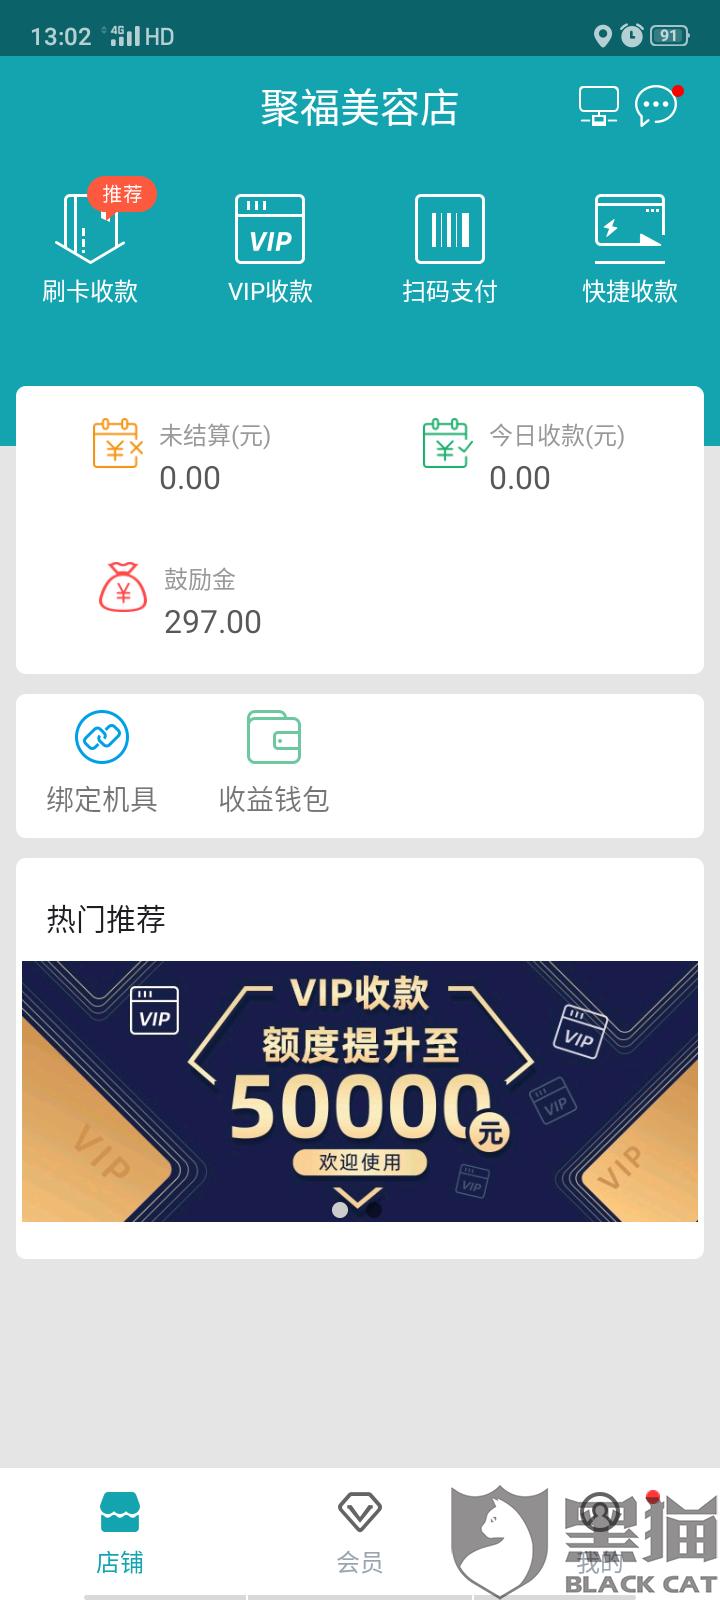 黑猫投诉:快钱安POS营销员欺骗手段强制收取激活费